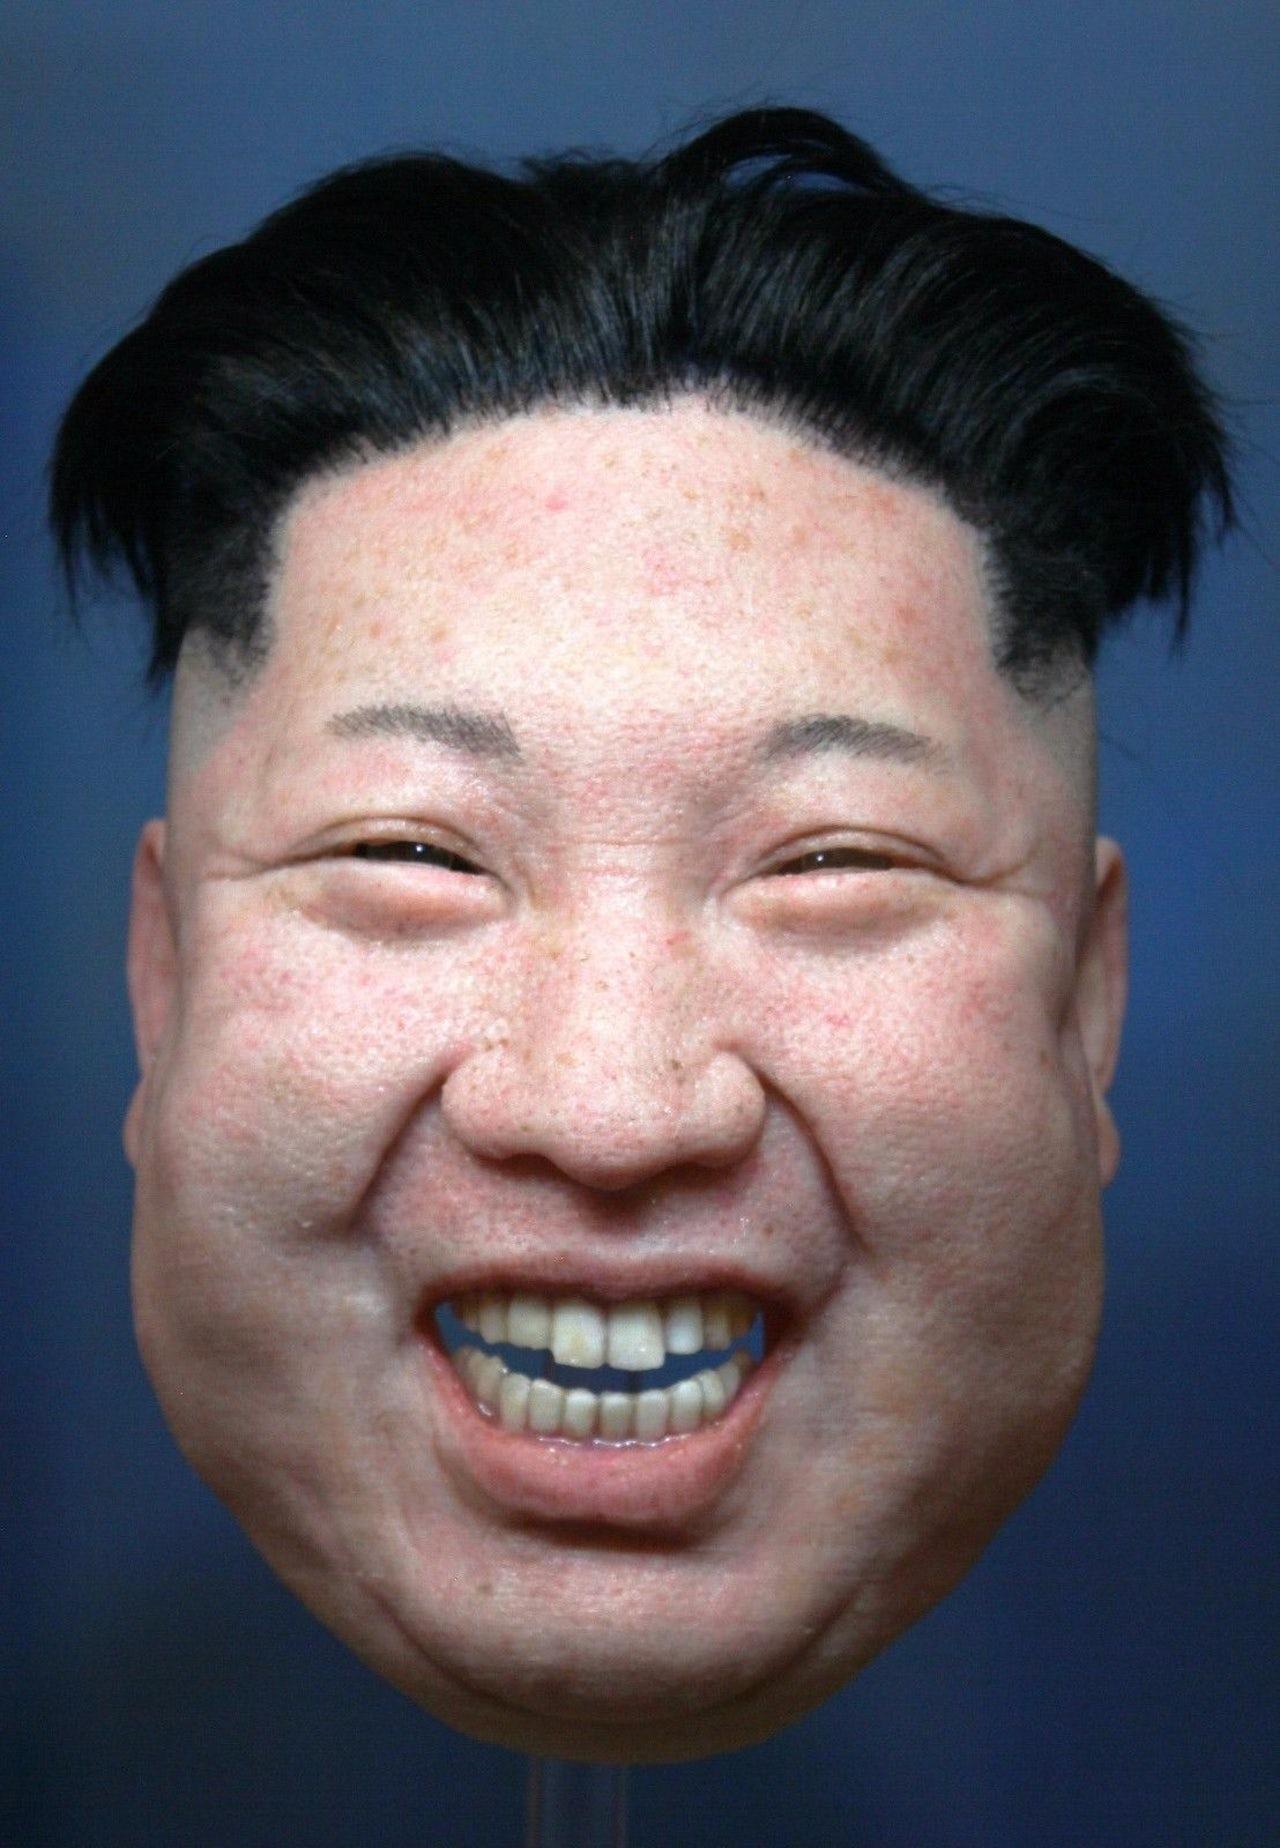 A realistic mask of Kim Jong-un.